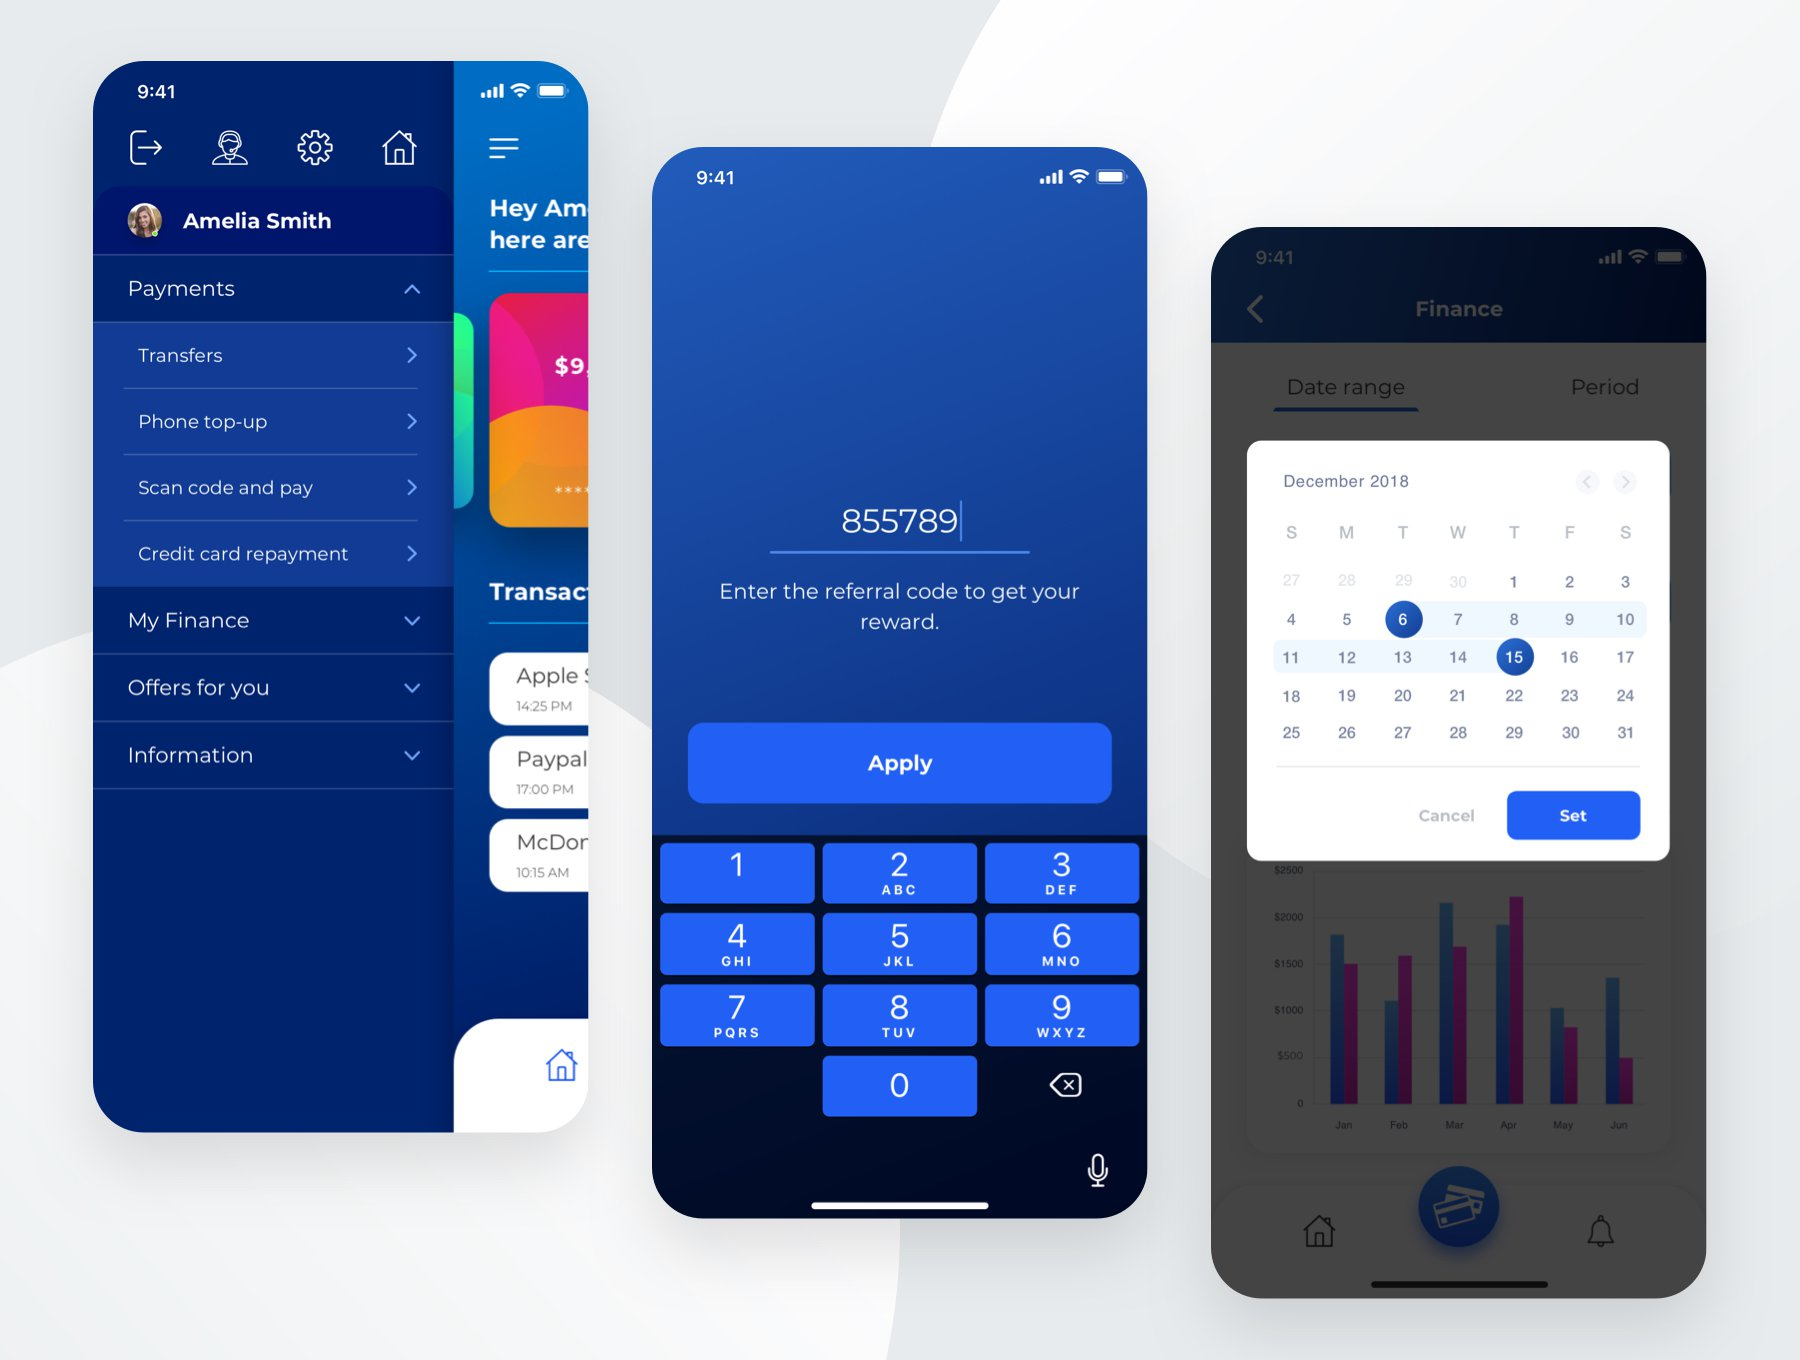 钱包 - 付款应用UI工具包Wallet - Payment App UI Kit